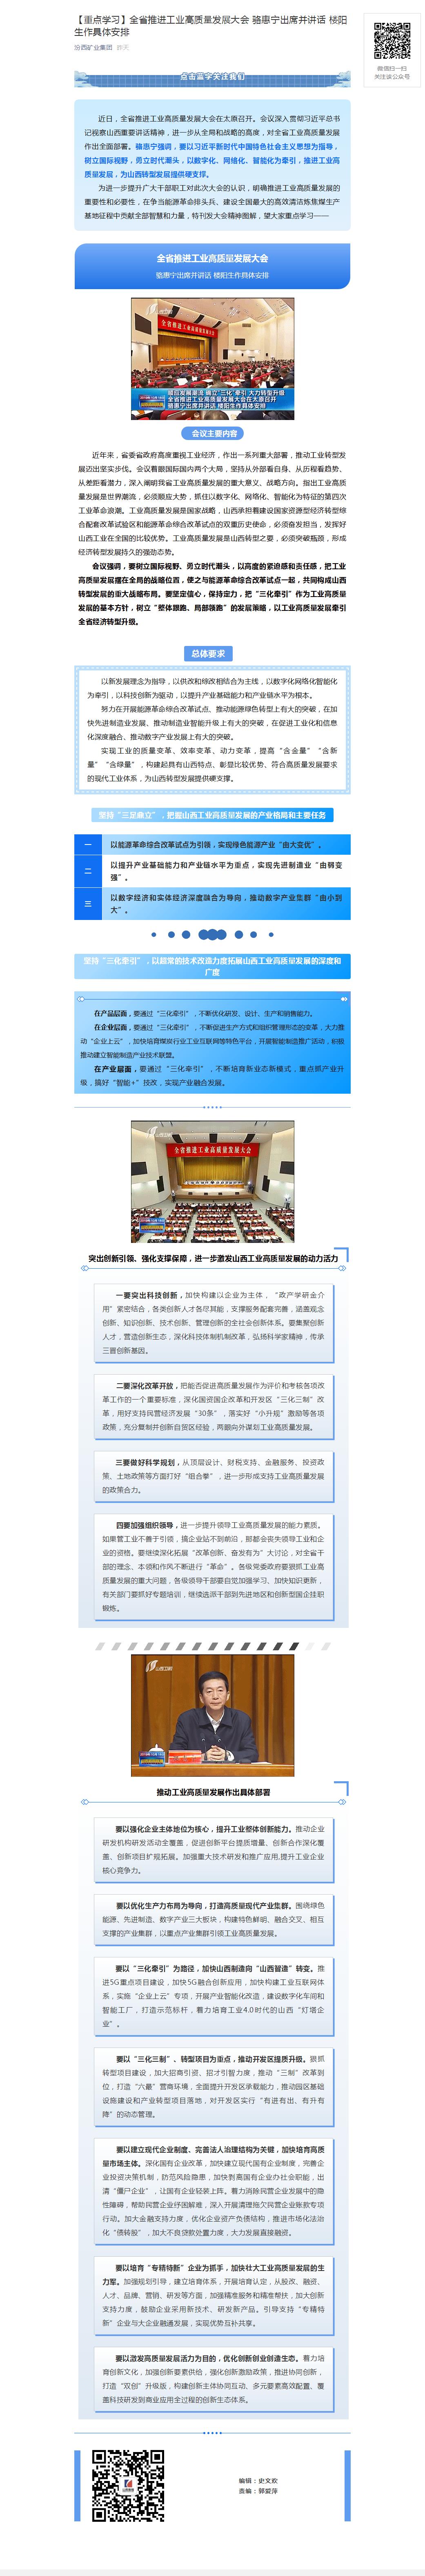 【重点学习】全省推进工业高质量发展大会 骆惠宁出席并讲话 楼阳生作具体安排.png